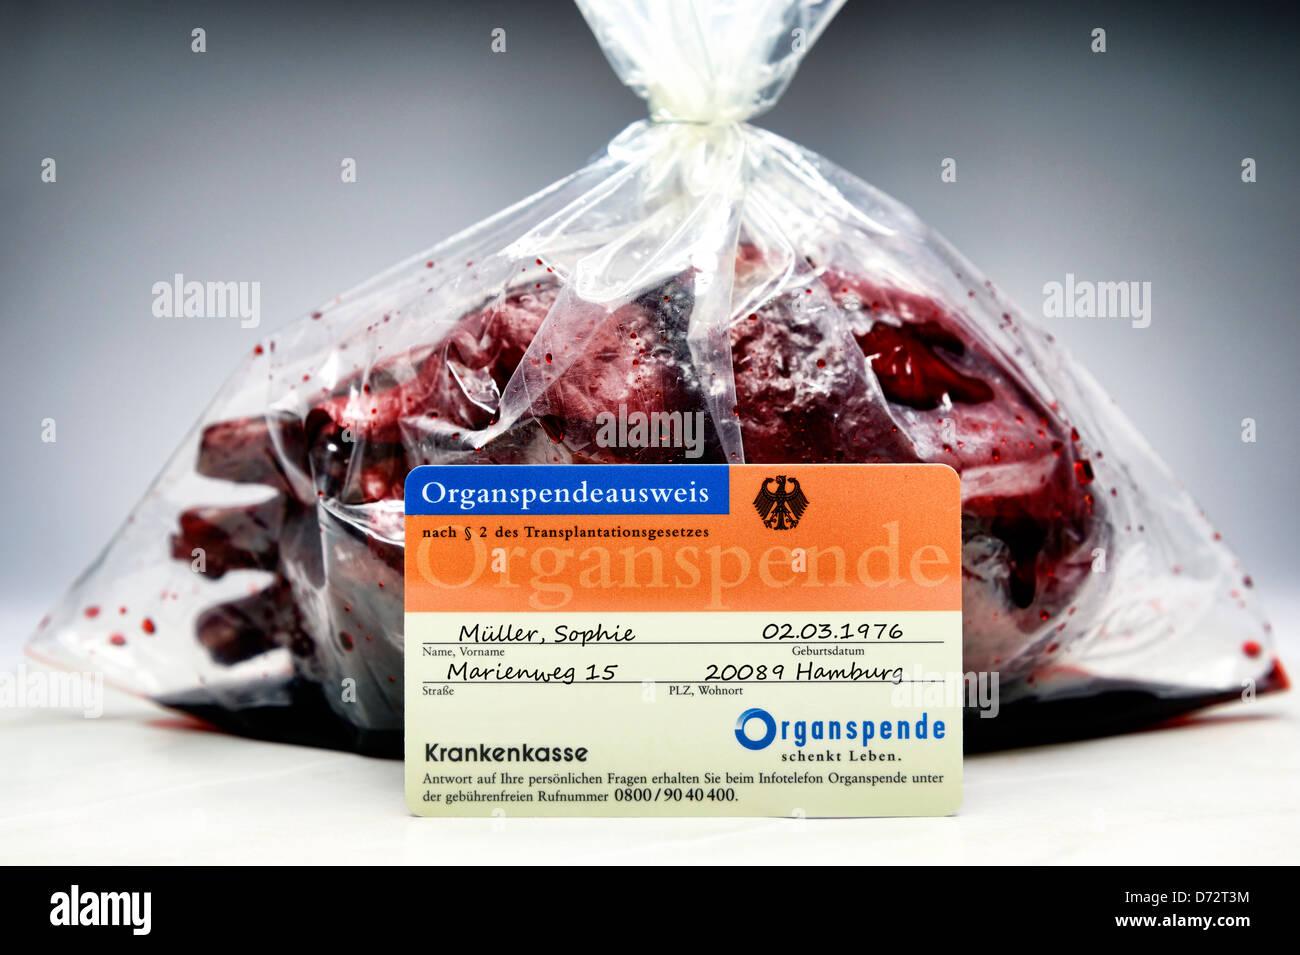 Herz und Organ Spende Personalausweis, symbolische Foto-Organ-Spende-Skandal Stockbild